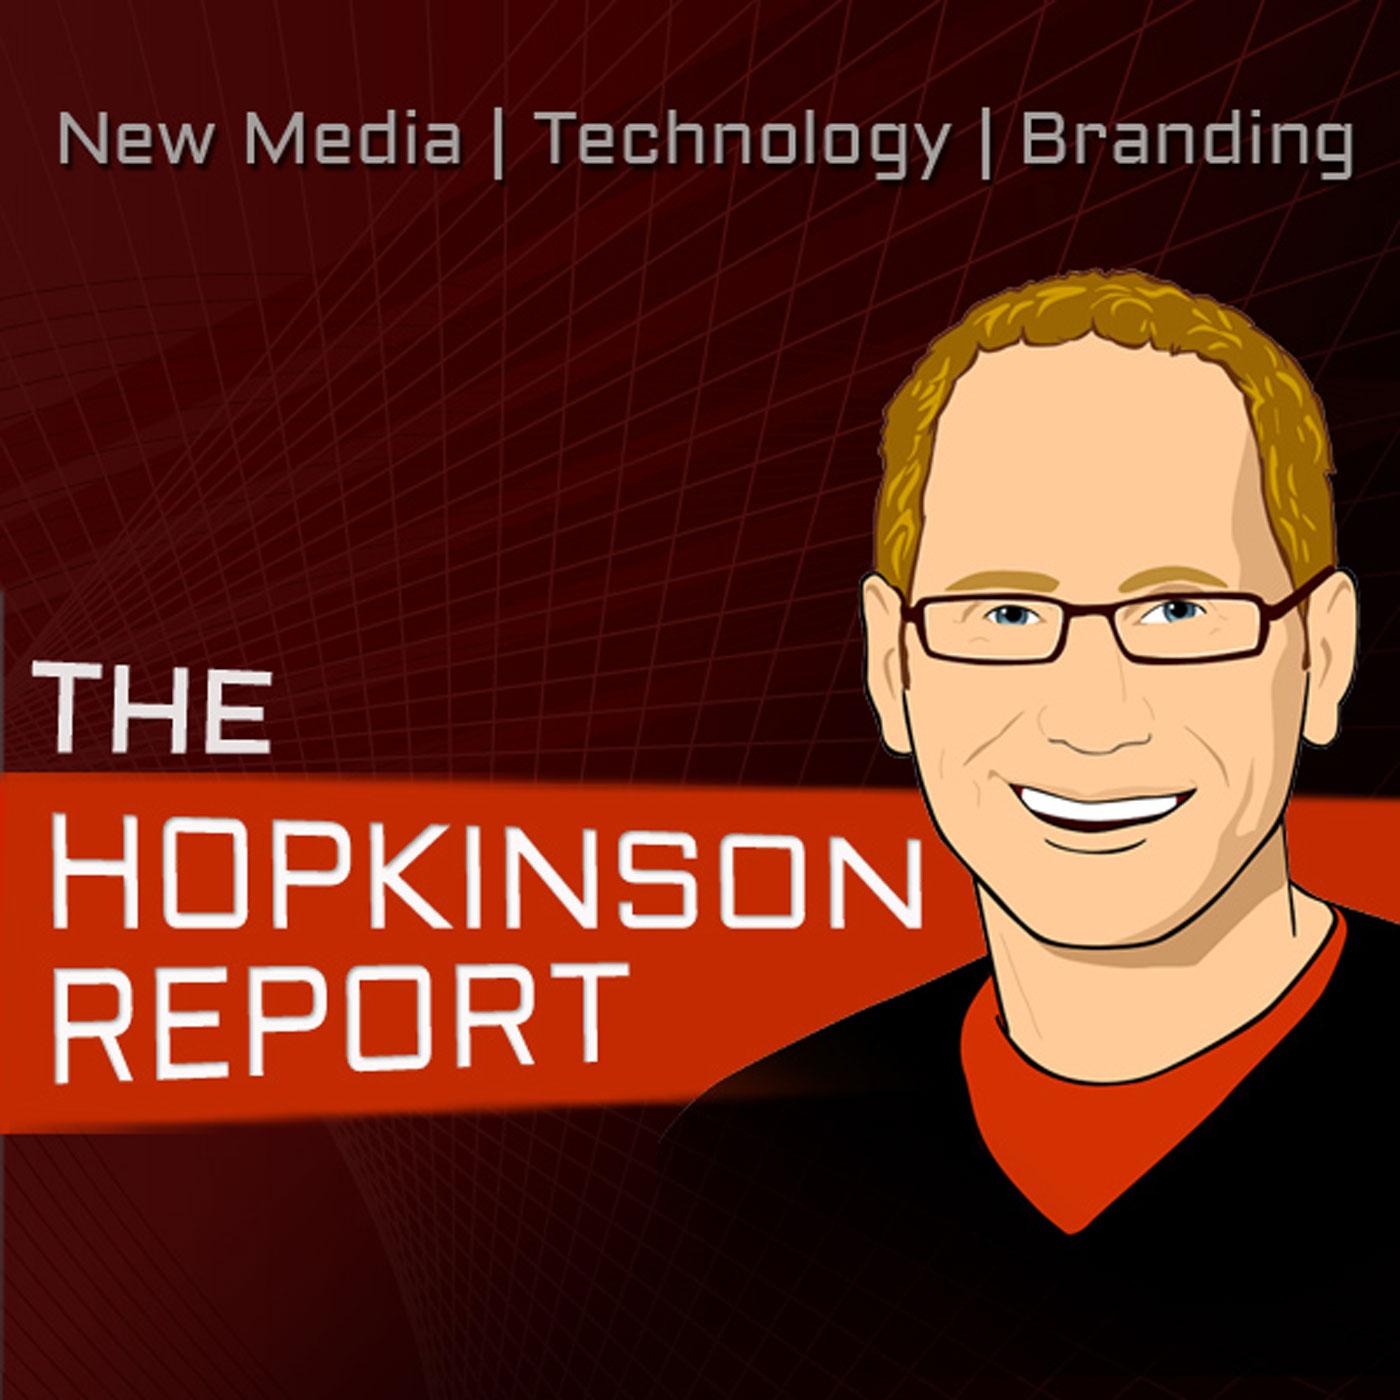 The Hopkinson Report